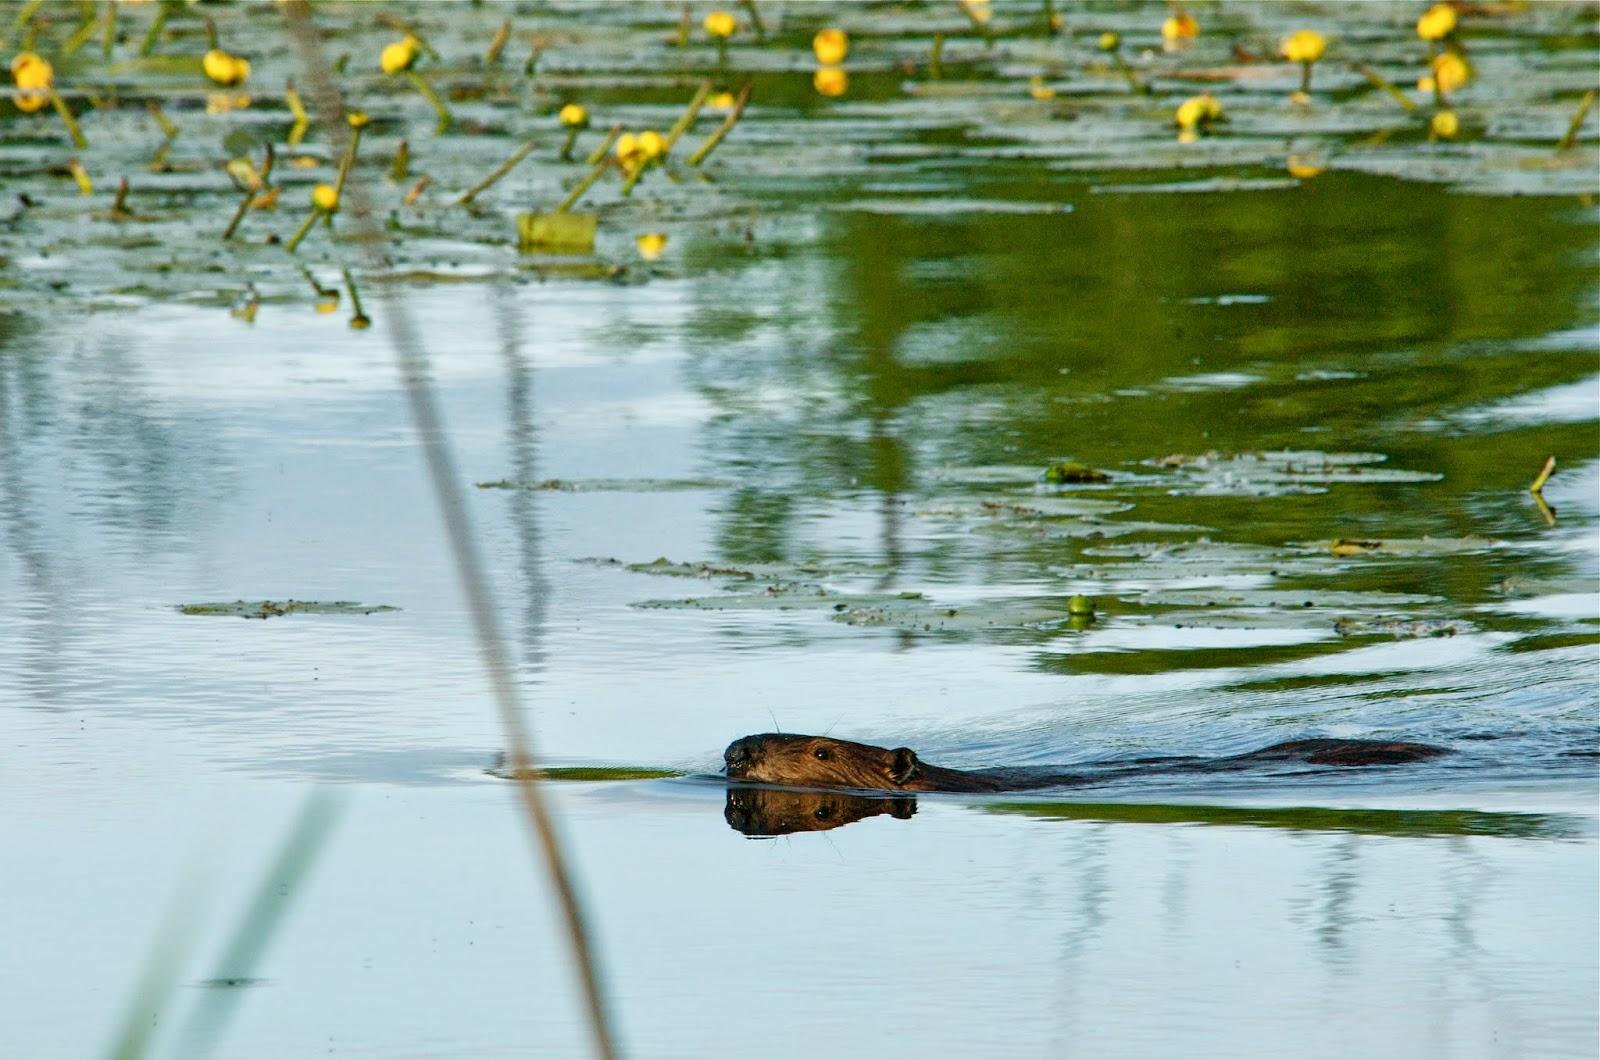 Cautious Beaver (Castor Canadensis)